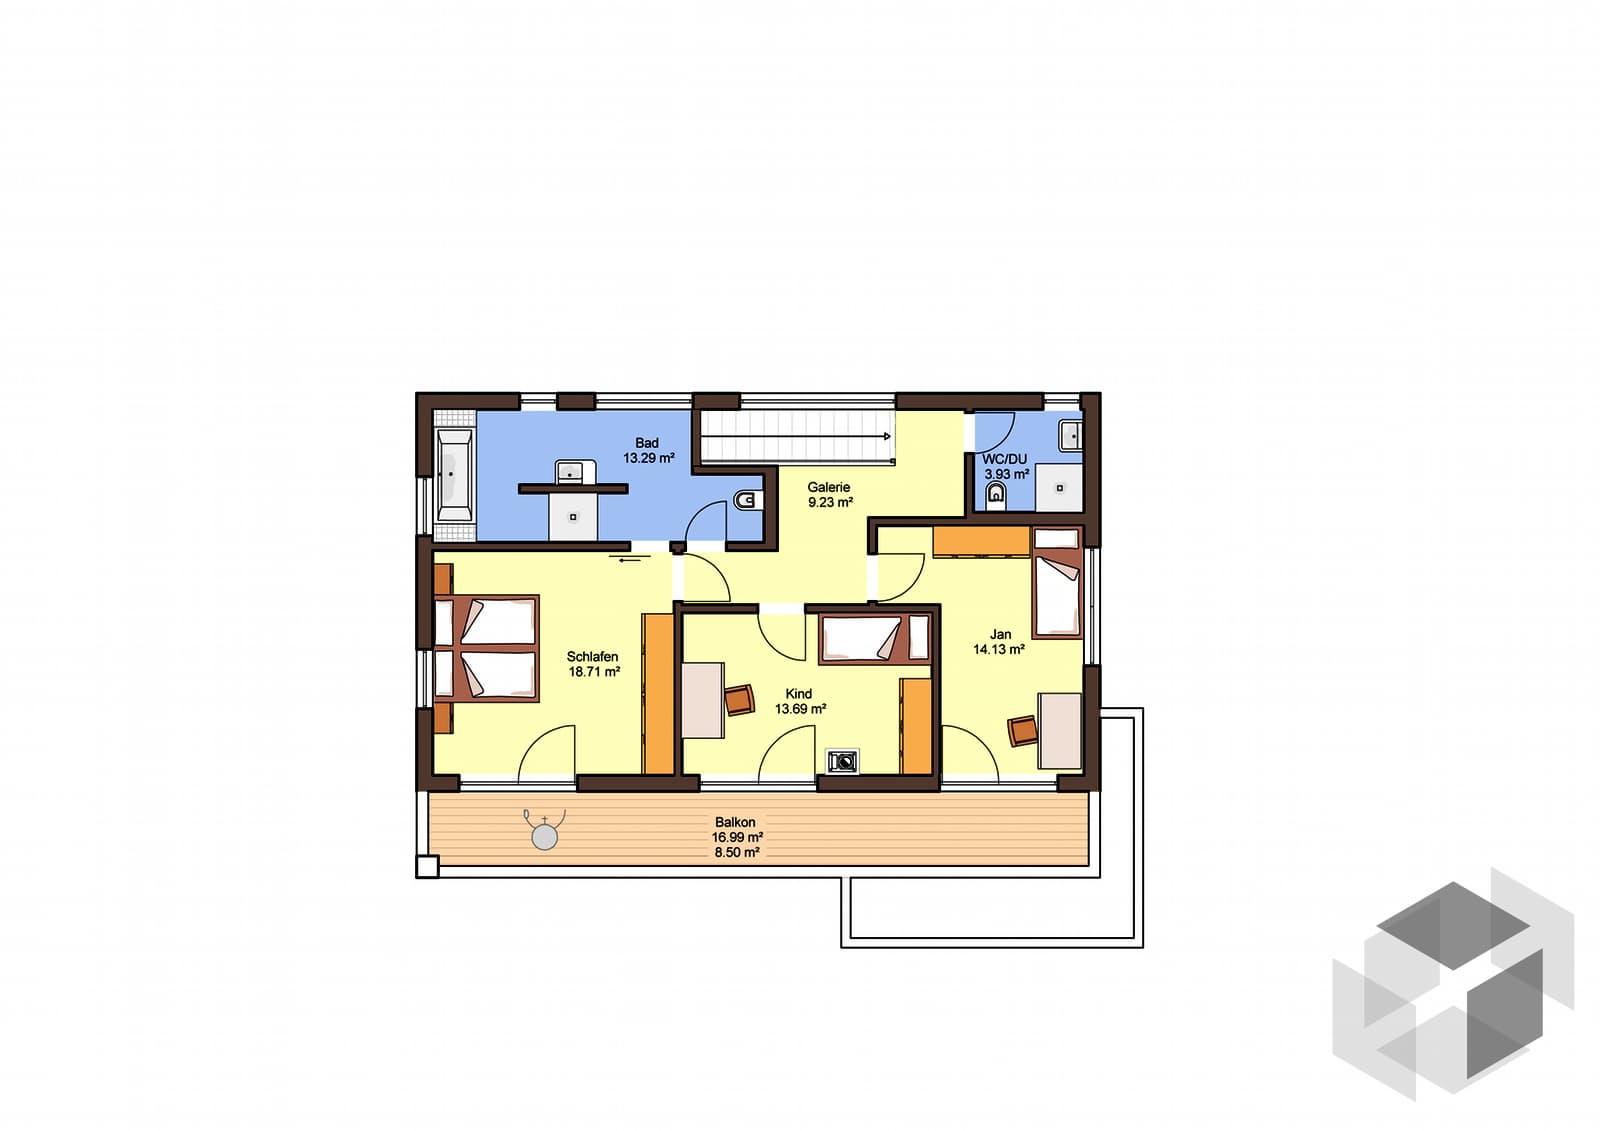 domingo von b denbender hausbau komplette daten bersicht. Black Bedroom Furniture Sets. Home Design Ideas